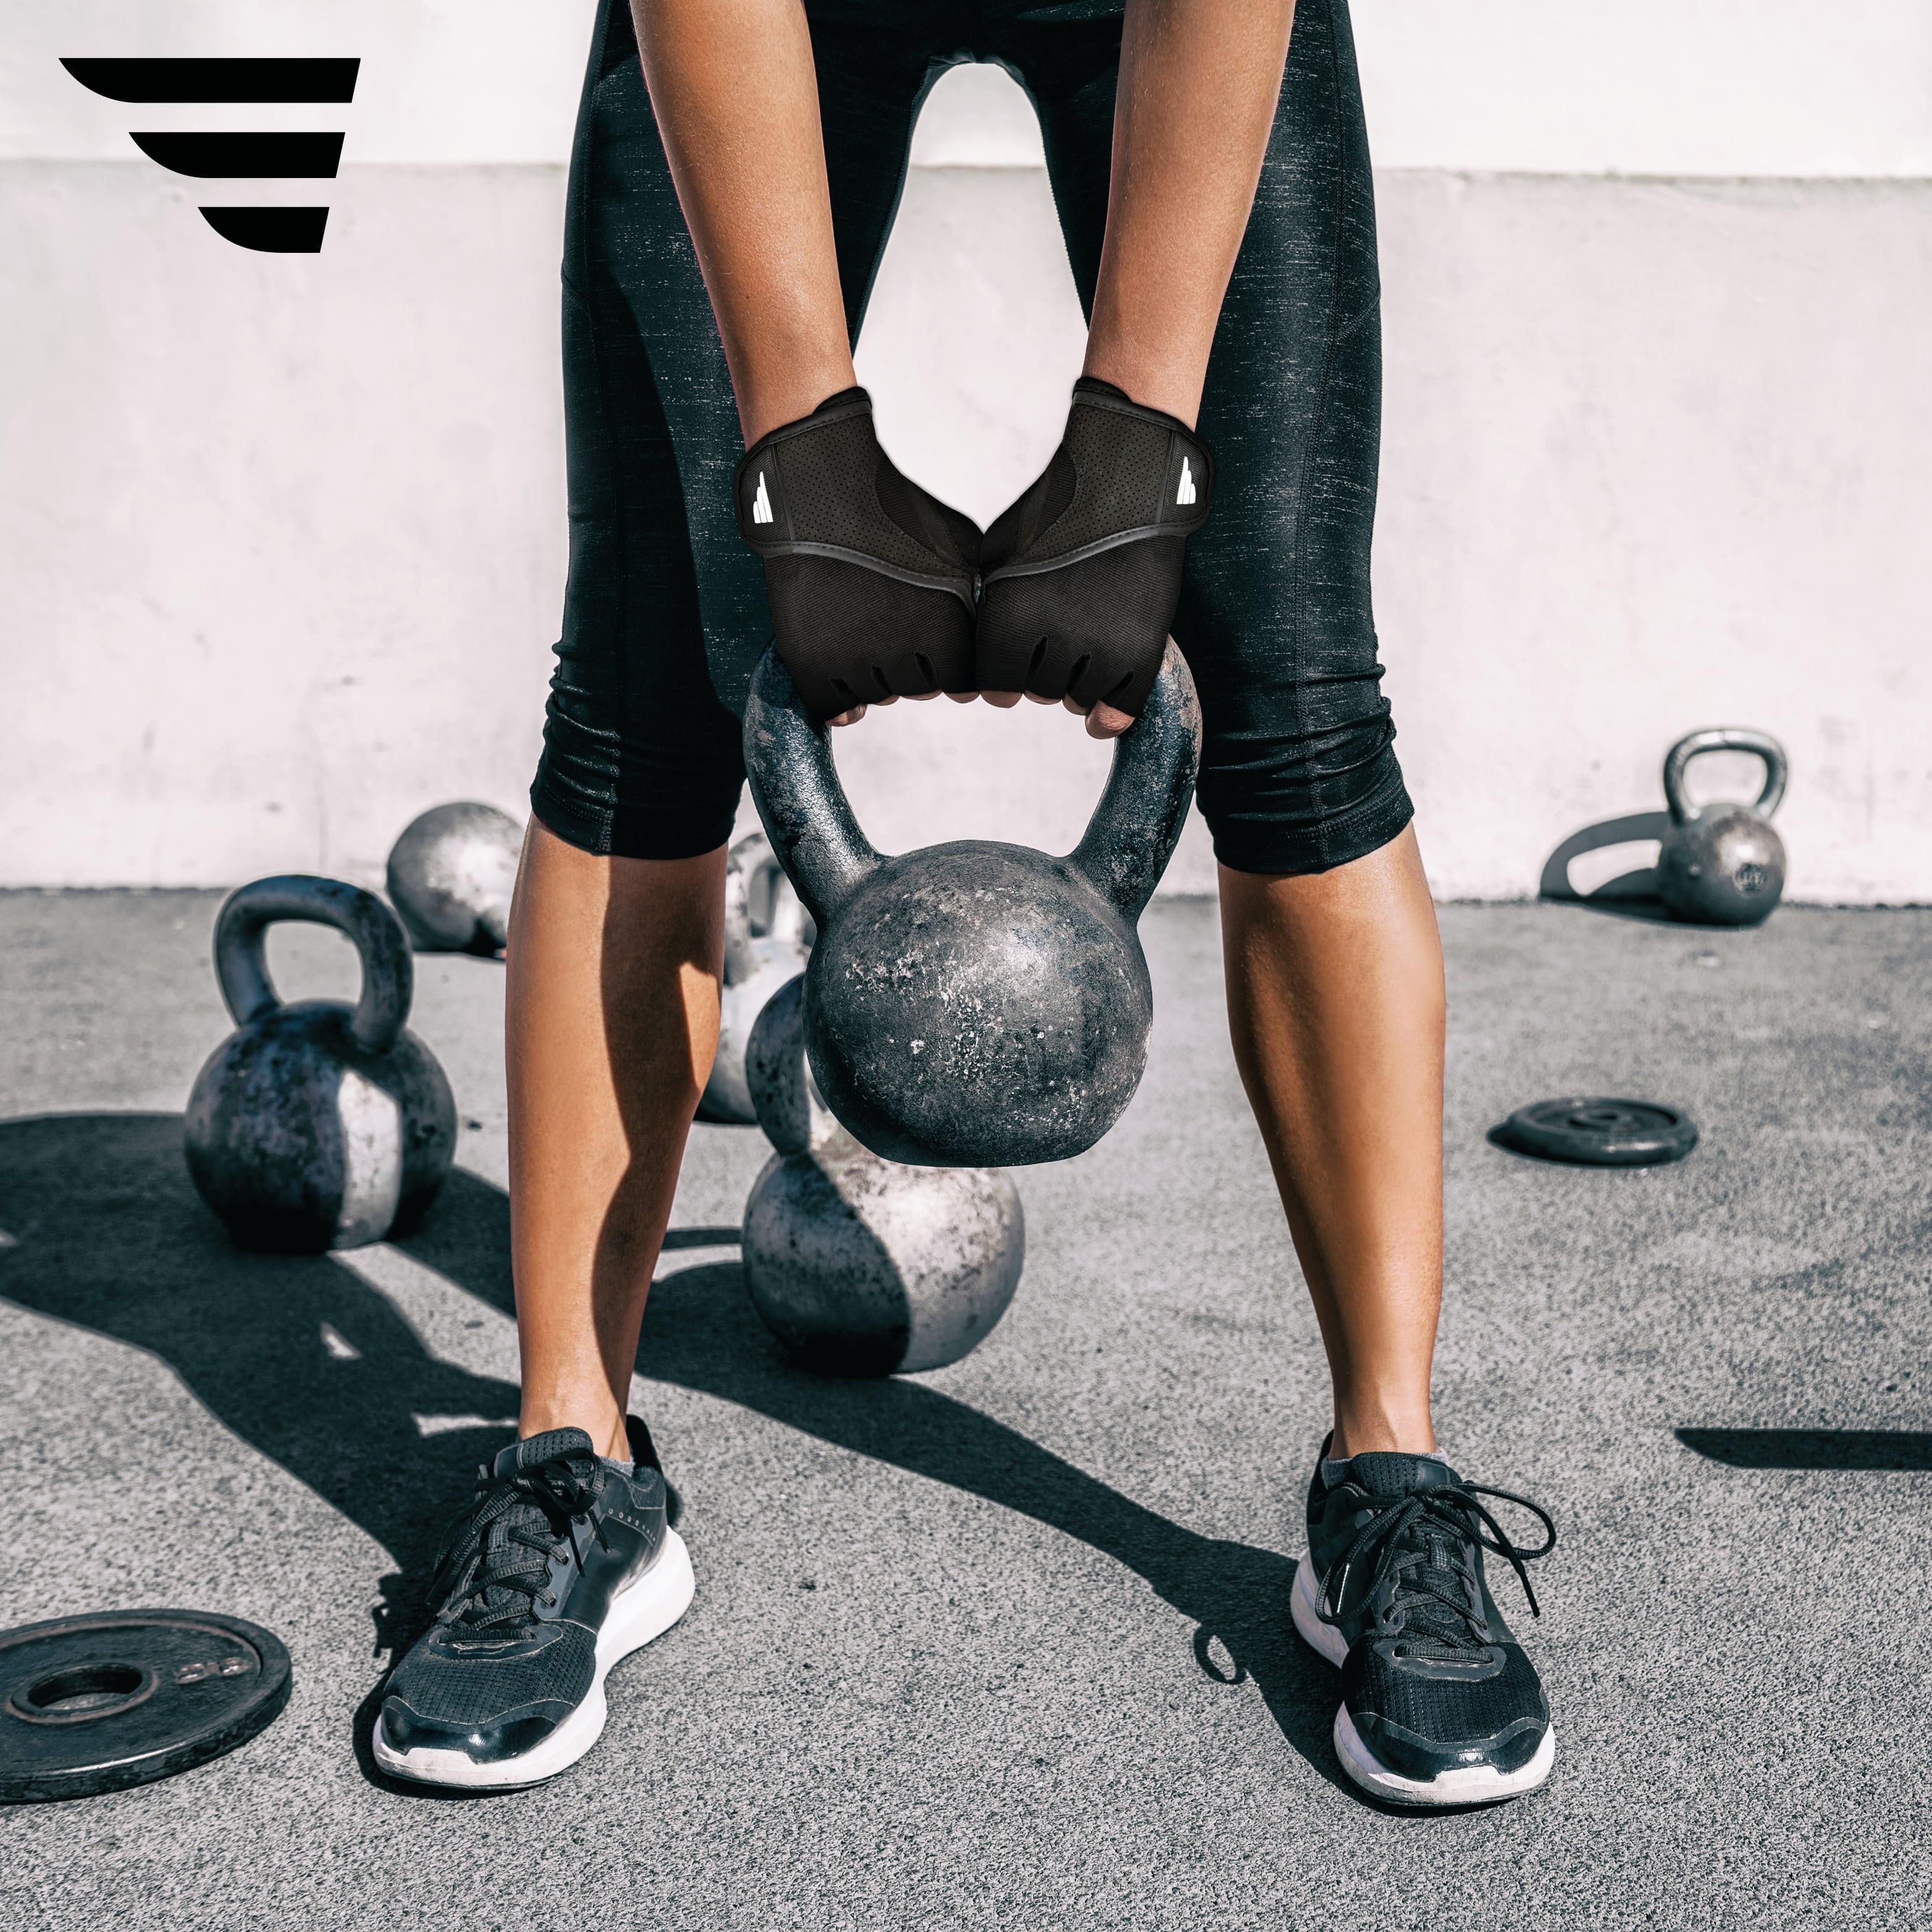 Levaz Fitness Handschuhe Trainingshandschuh Kraftsport Gym Gloves Herren Damen